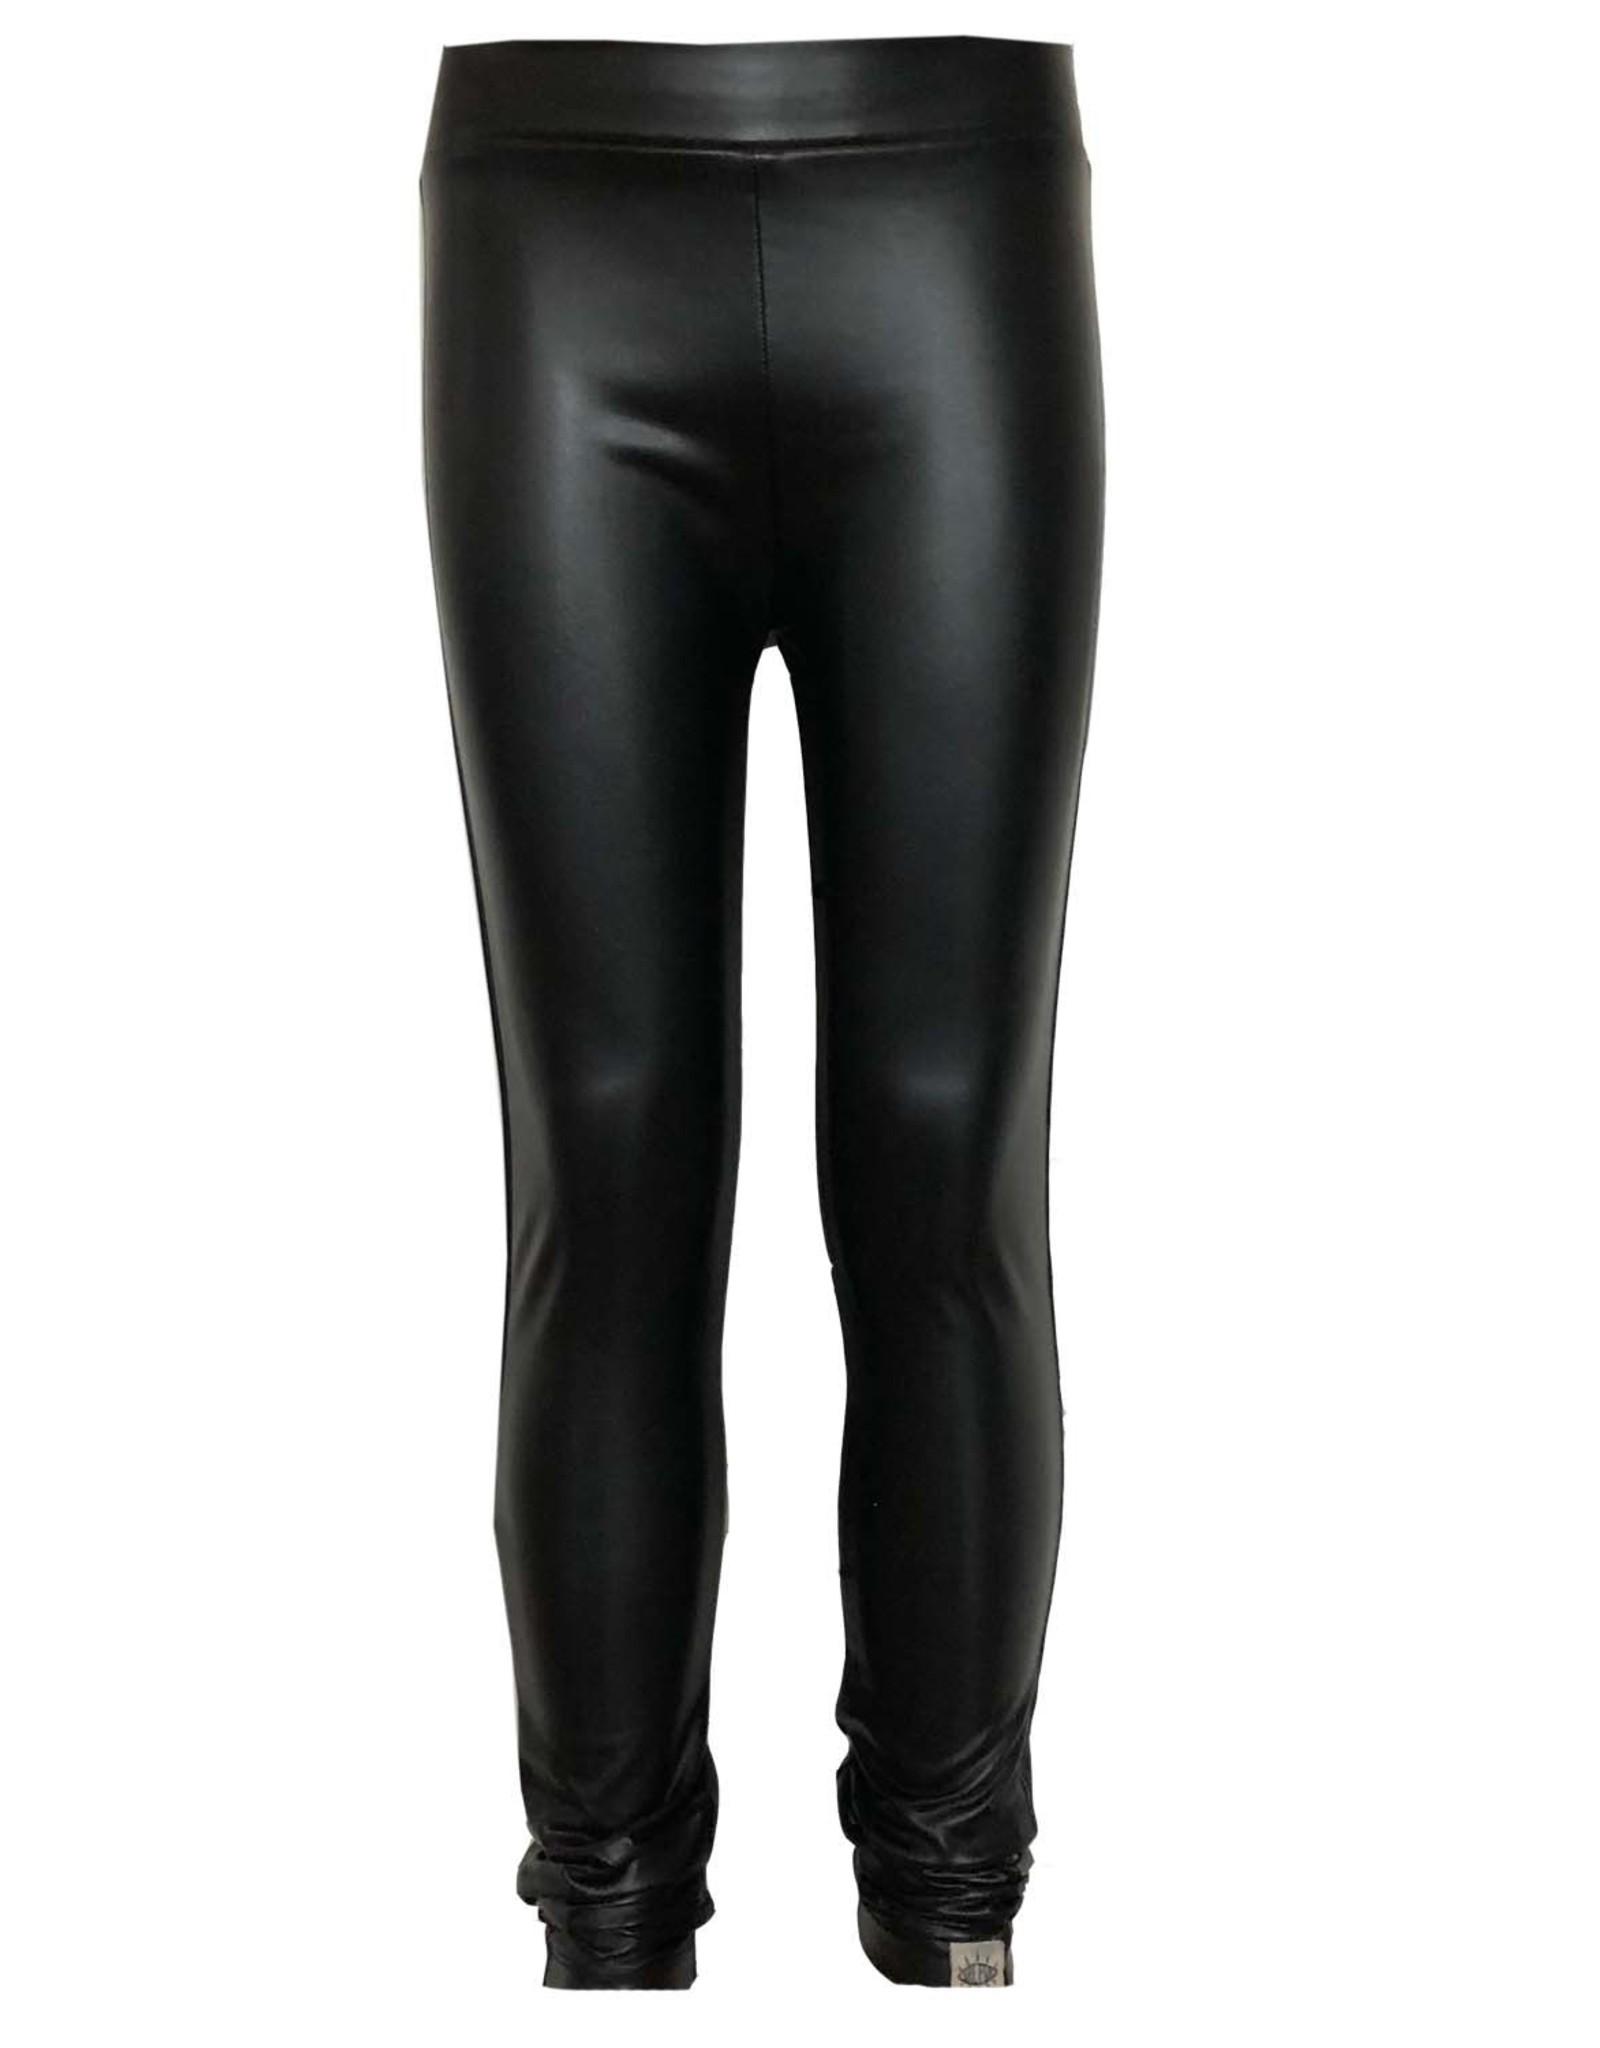 Topitm Chantal Faux Leather Black